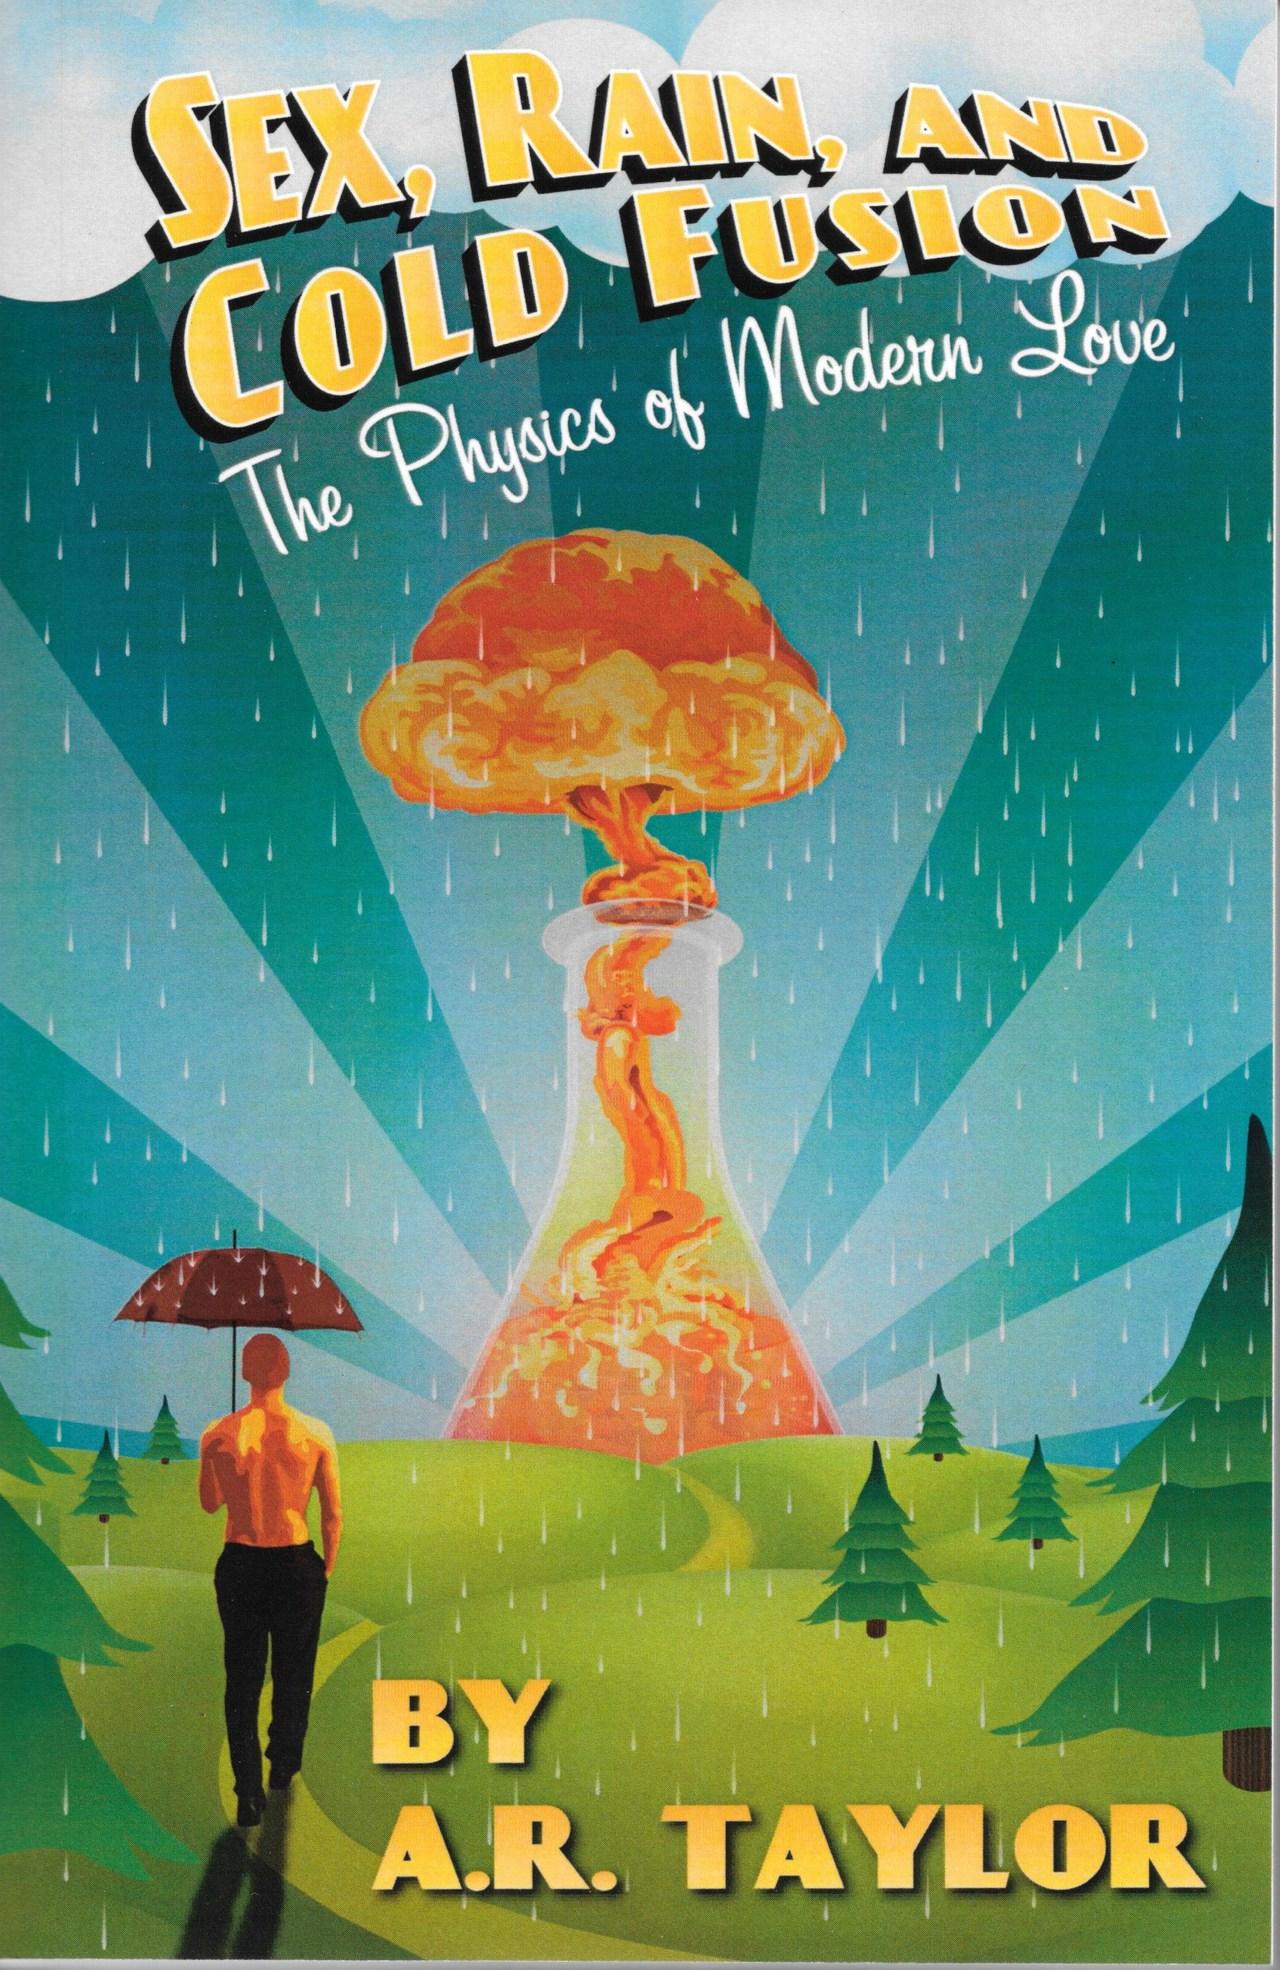 Sex rain and cold fusion book cover